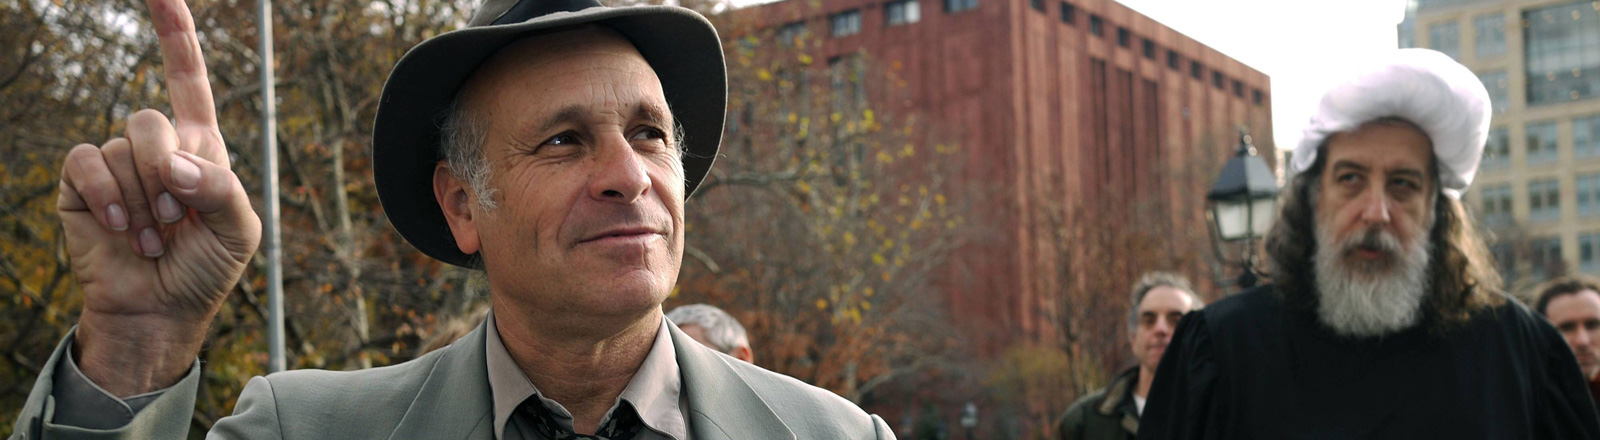 Der investigative Journalist und Autor Greg Palast